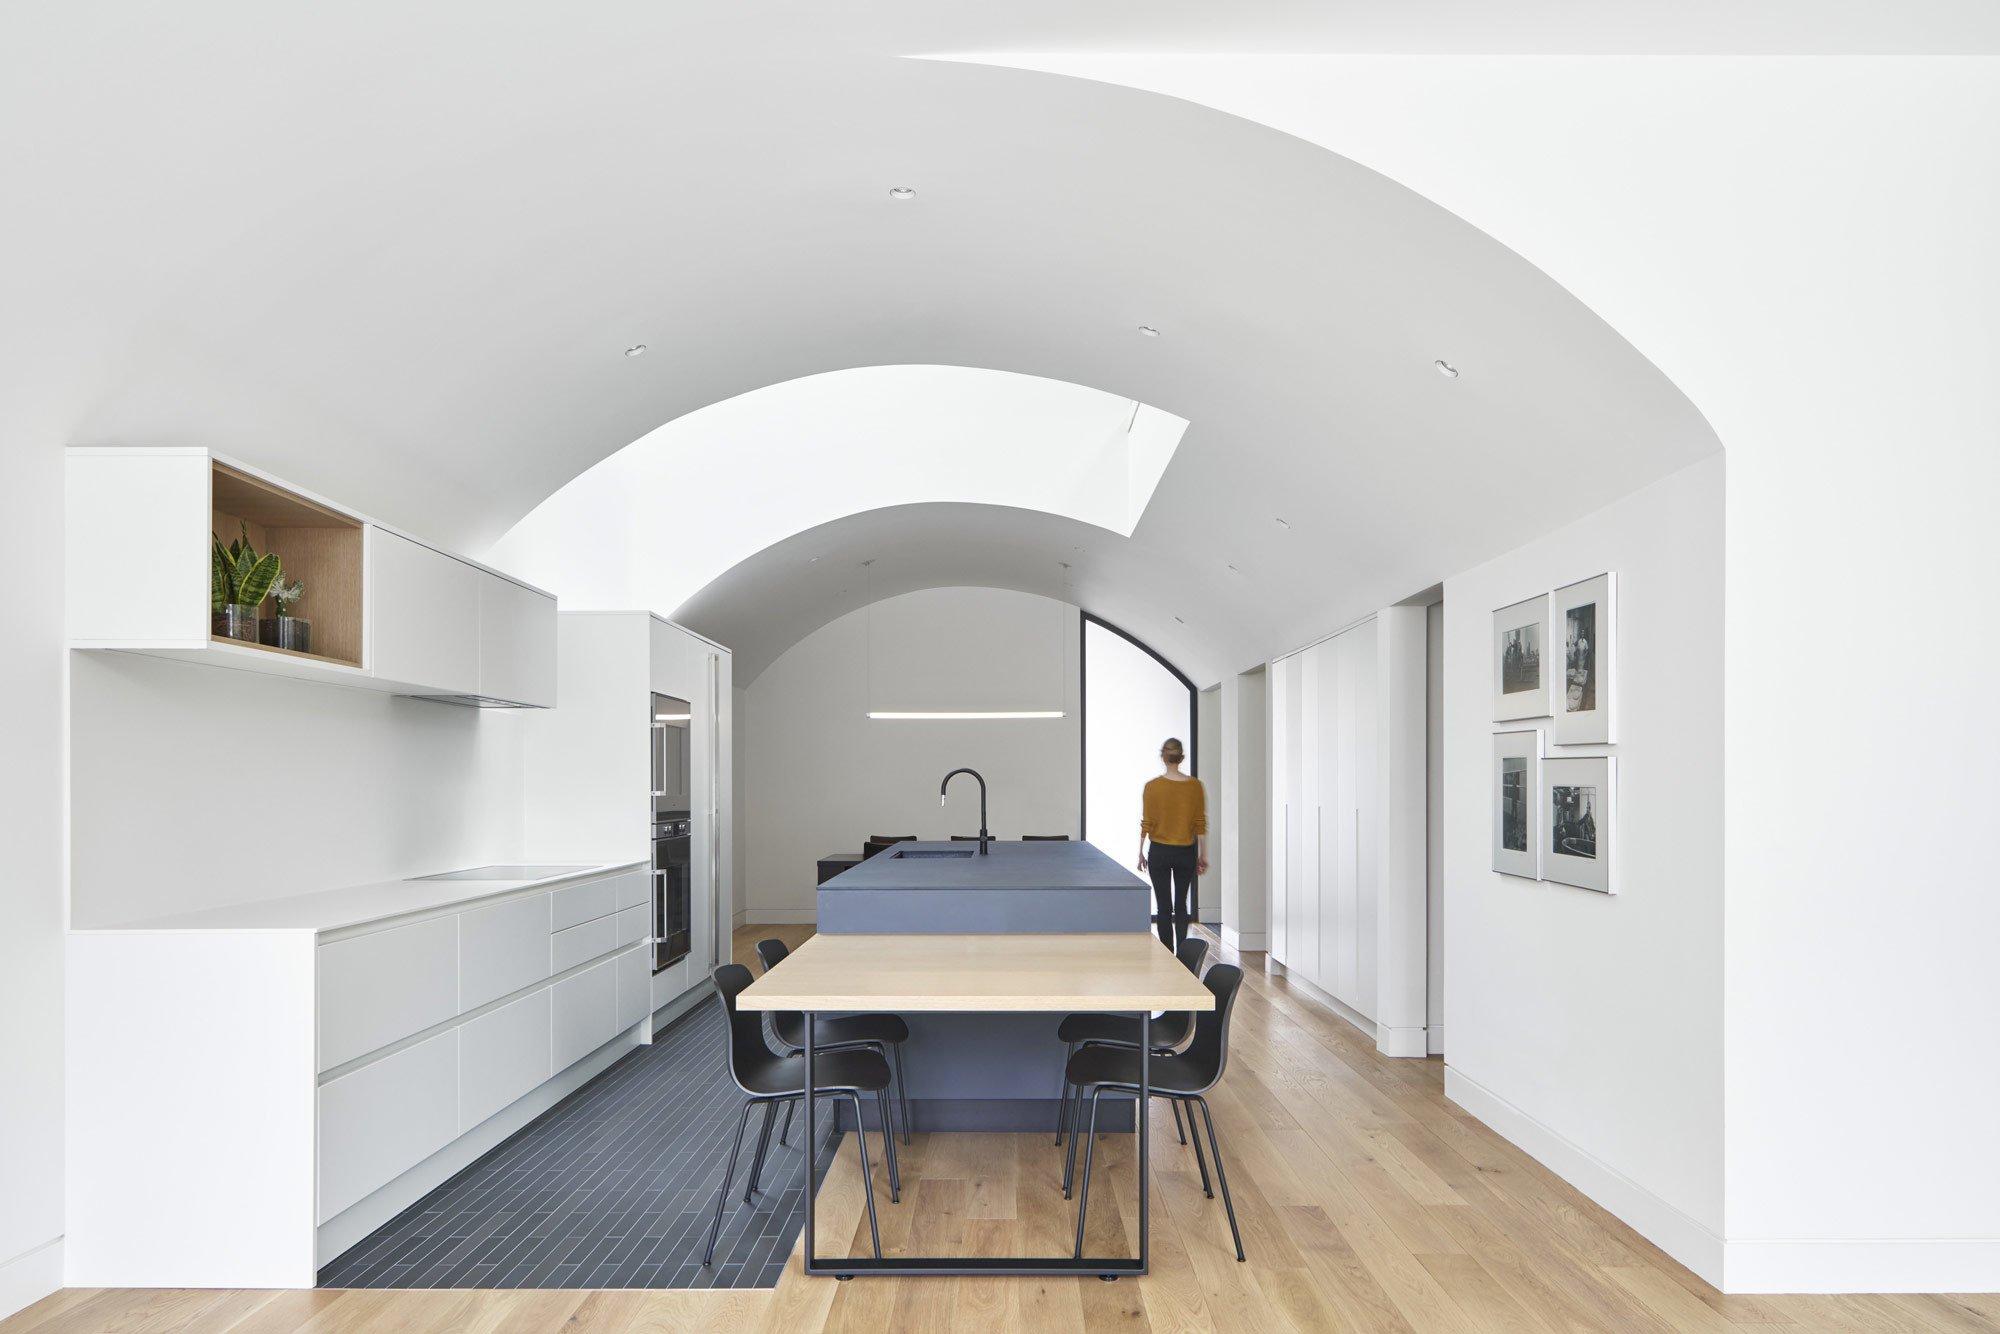 Batay-Csorba Architects bauen in Toronto ein modernes Stadthaus mediterraner Prägung zwischen viktorianische Verandahäuser. Das verbindende Element: Backstein.